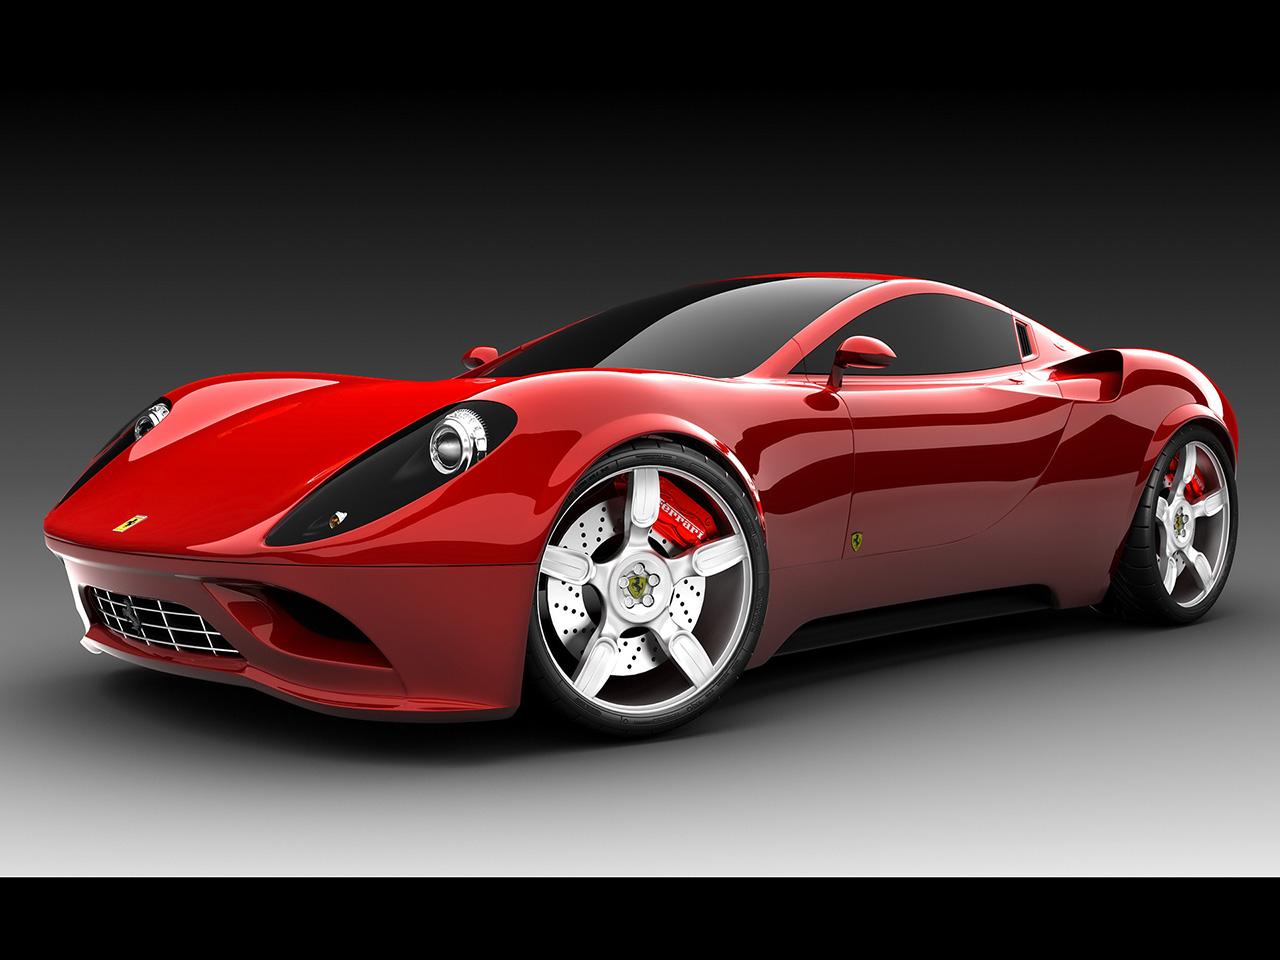 http://images.caradisiac.com/images/7/6/6/0/17660/S0-Affriolante-Ferrari-Dino-Concept-par-76663.jpg